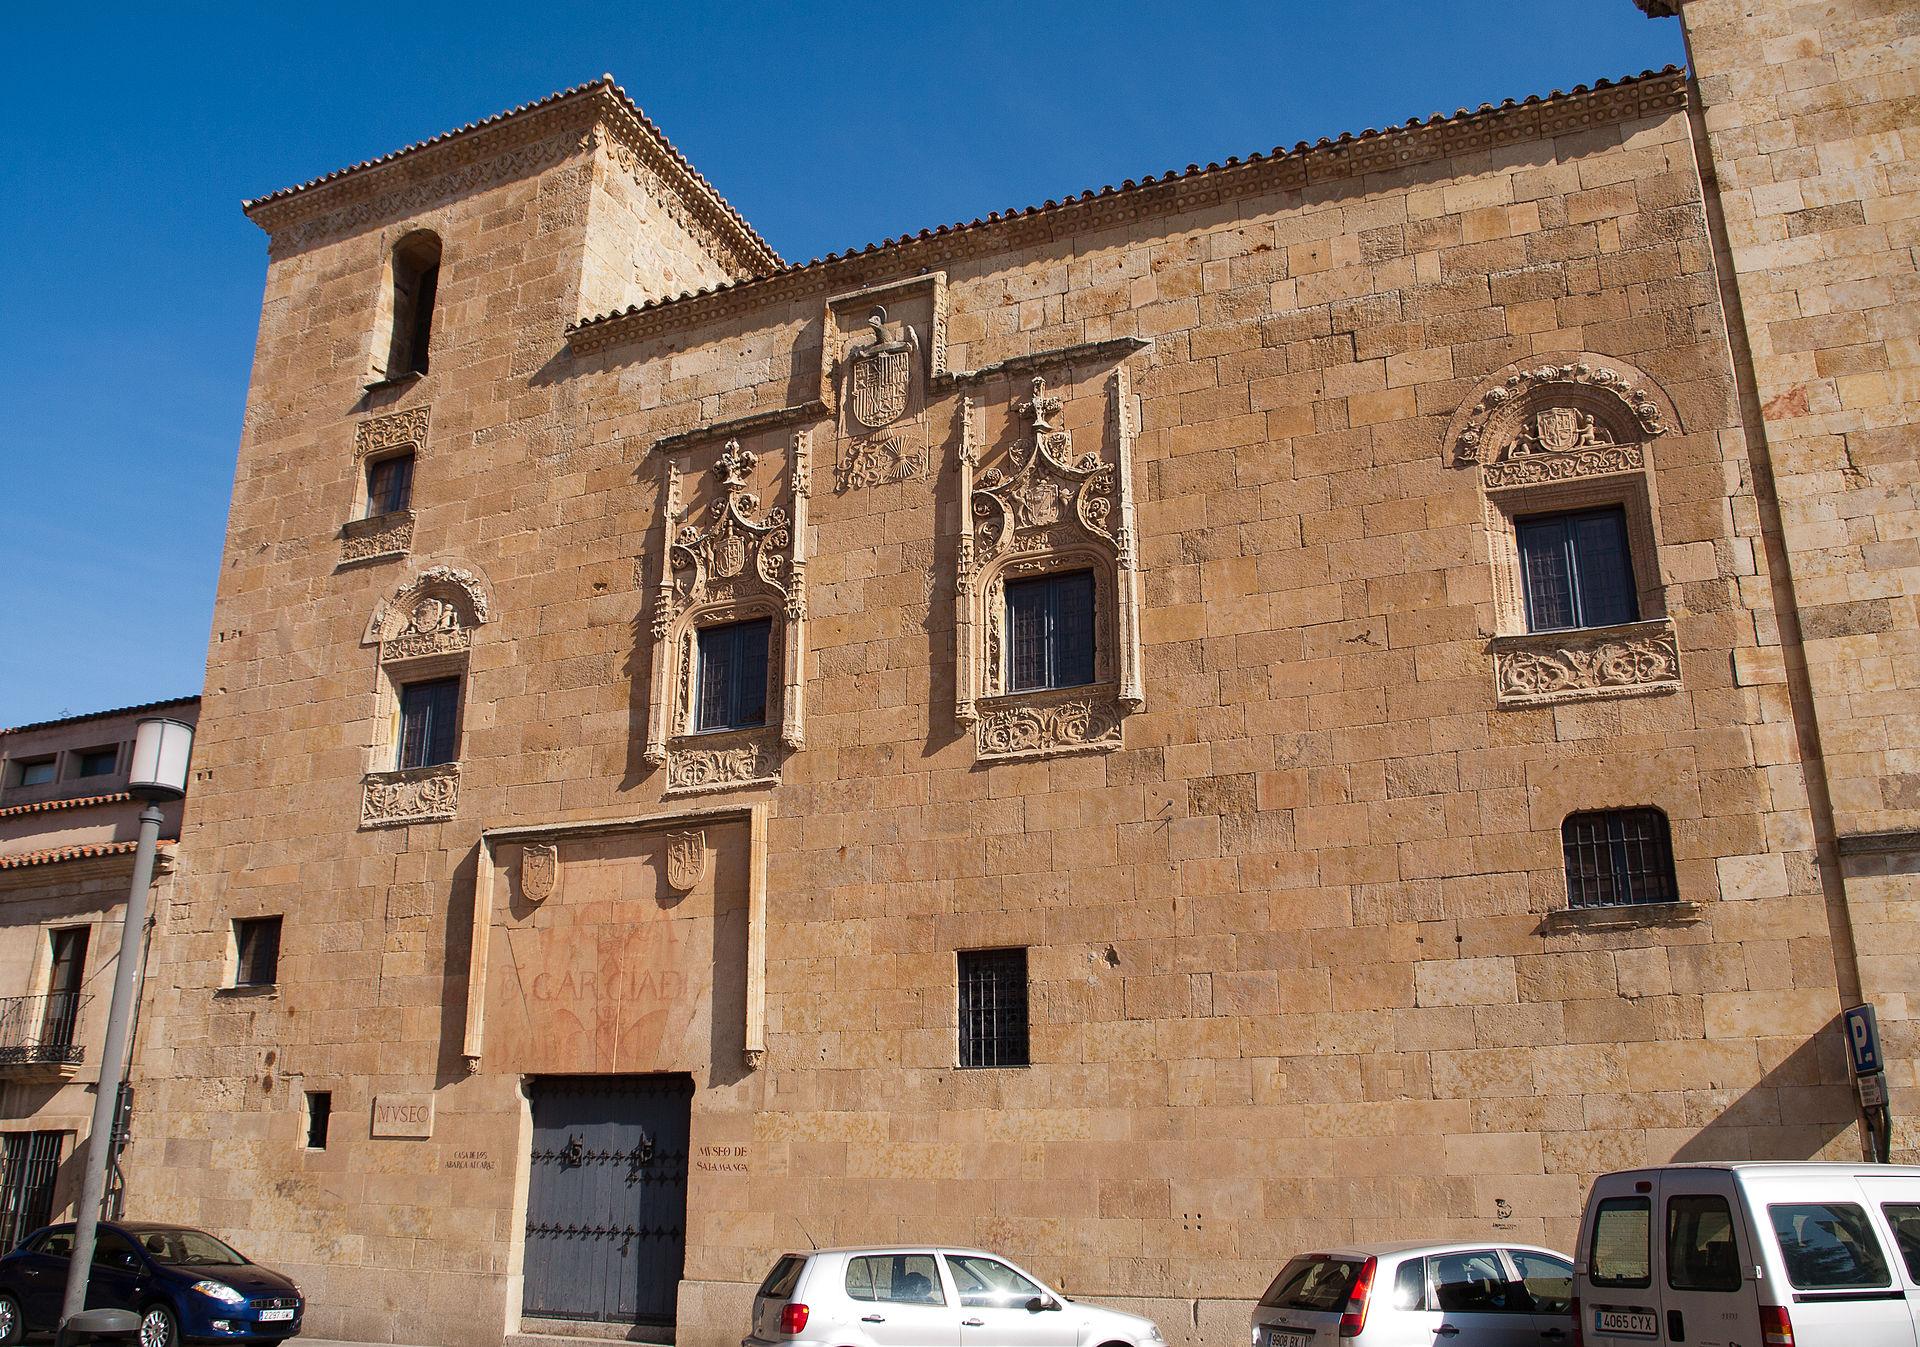 Casa de los abarca salamanca wikipedia la enciclopedia libre - Apartamentos turisticos casas de los reyes ...